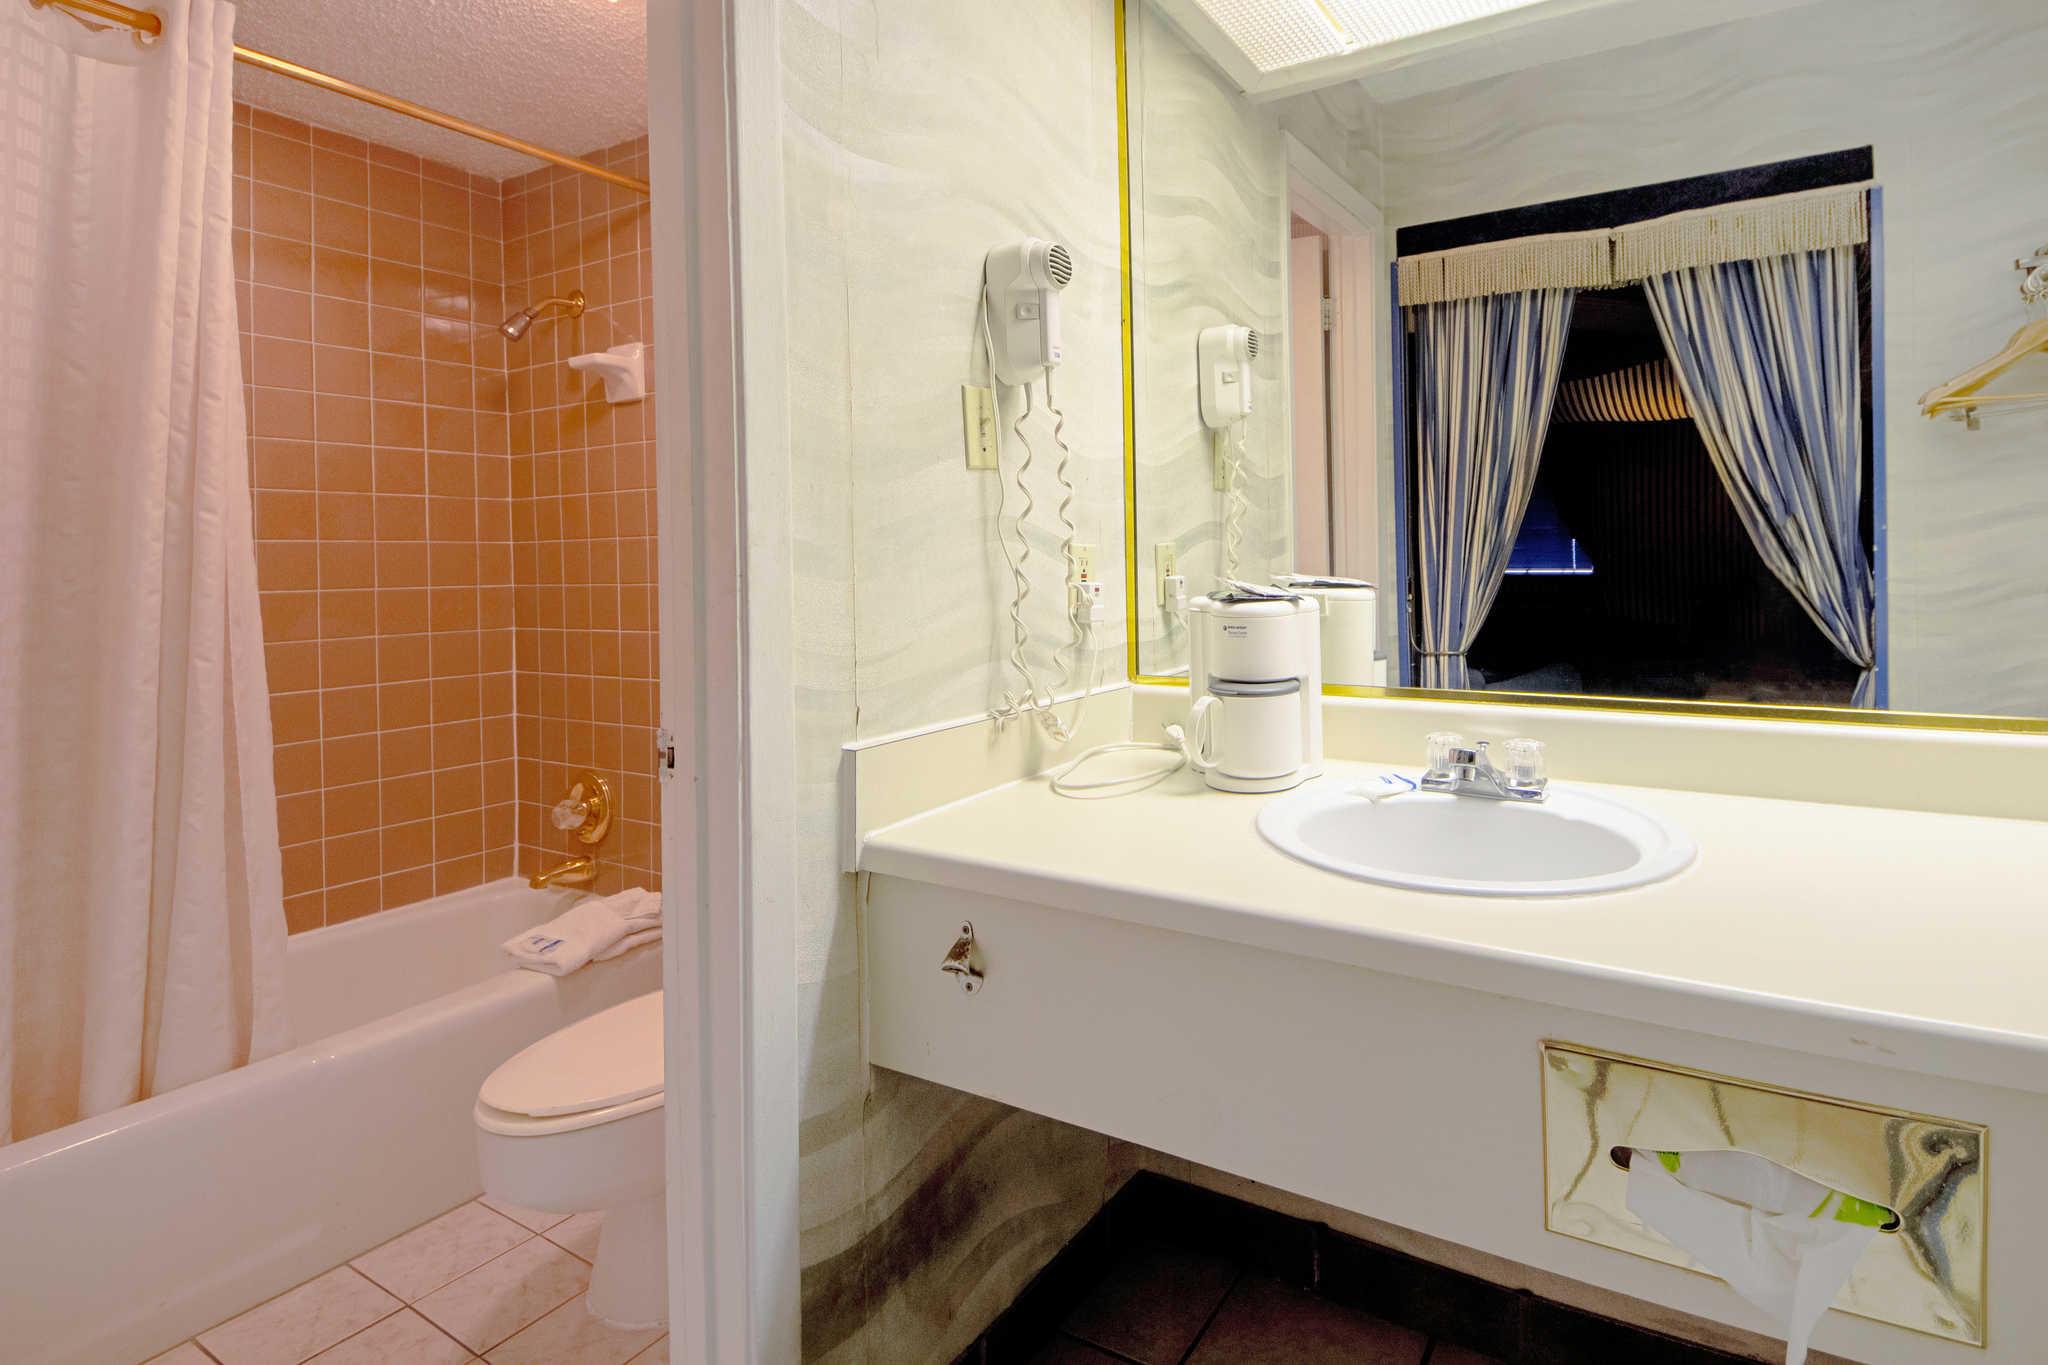 Rodeway Inn & Suites image 52